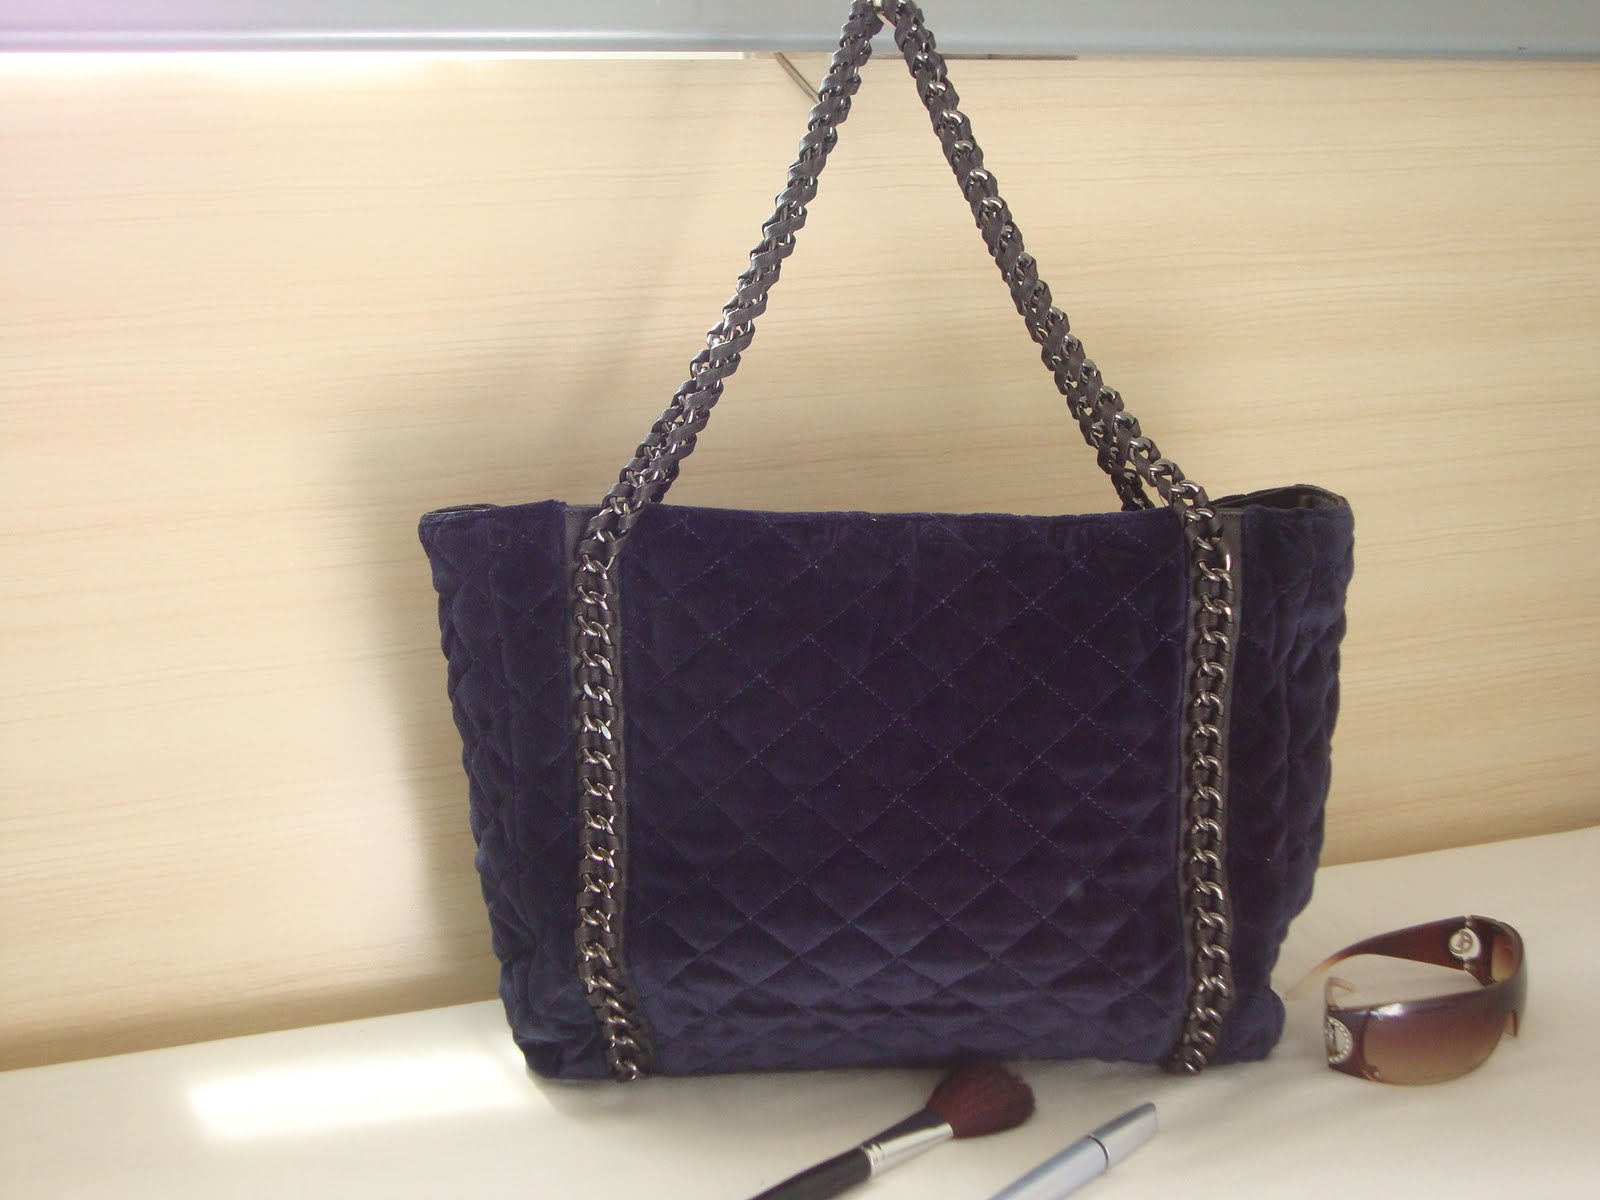 Bolsa Feminina Azul Marinho : Bolsas moda feminina bolsa no azul marinho